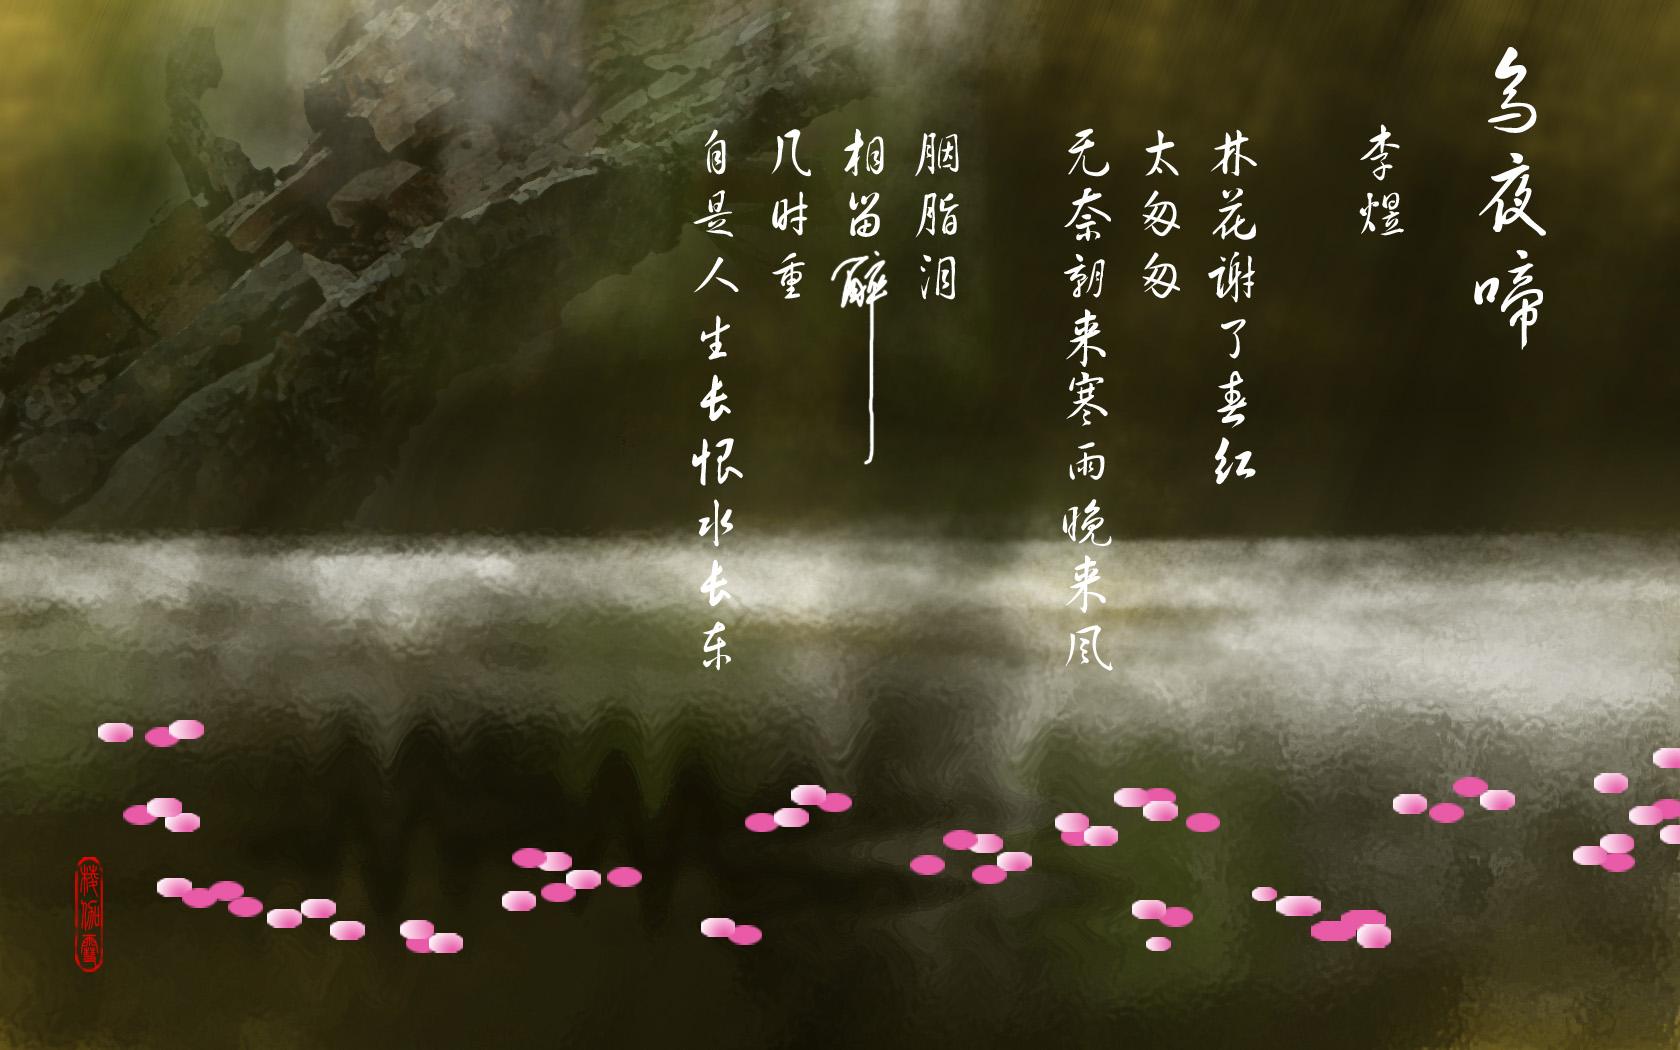 诗词大全_中国诗词大全名句_图片大全唯美